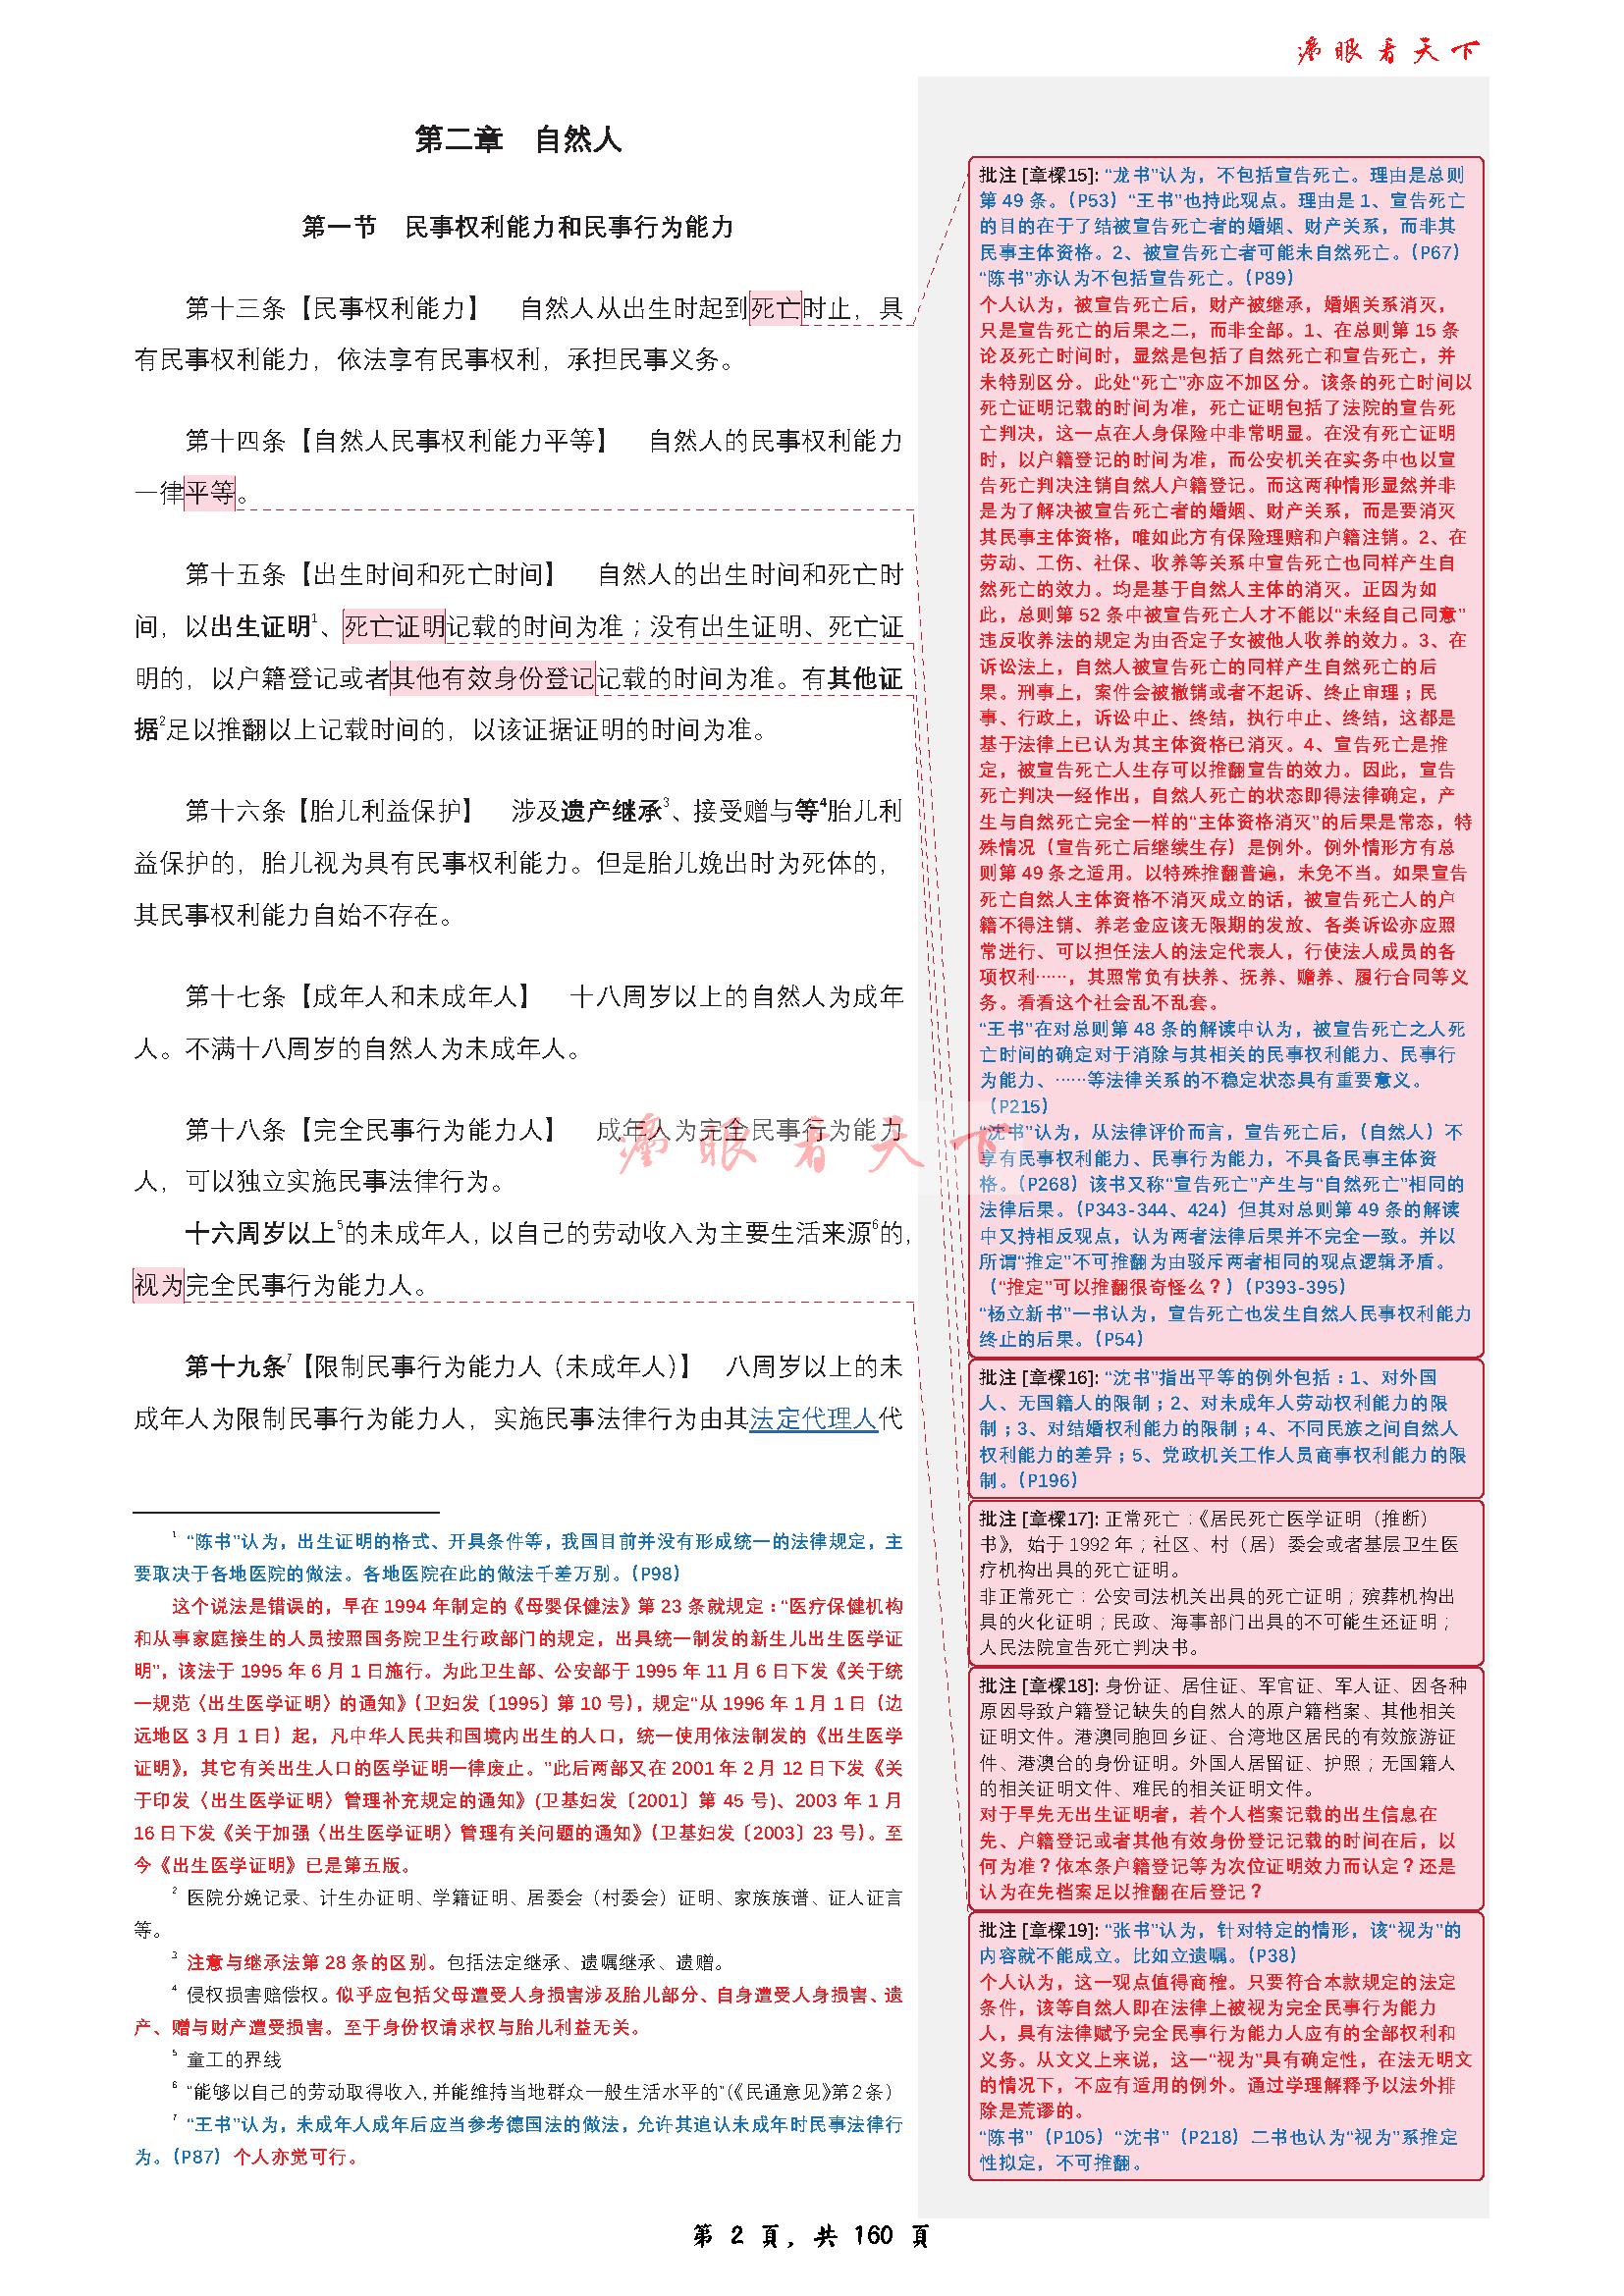 民法总则批注_页面_02.png